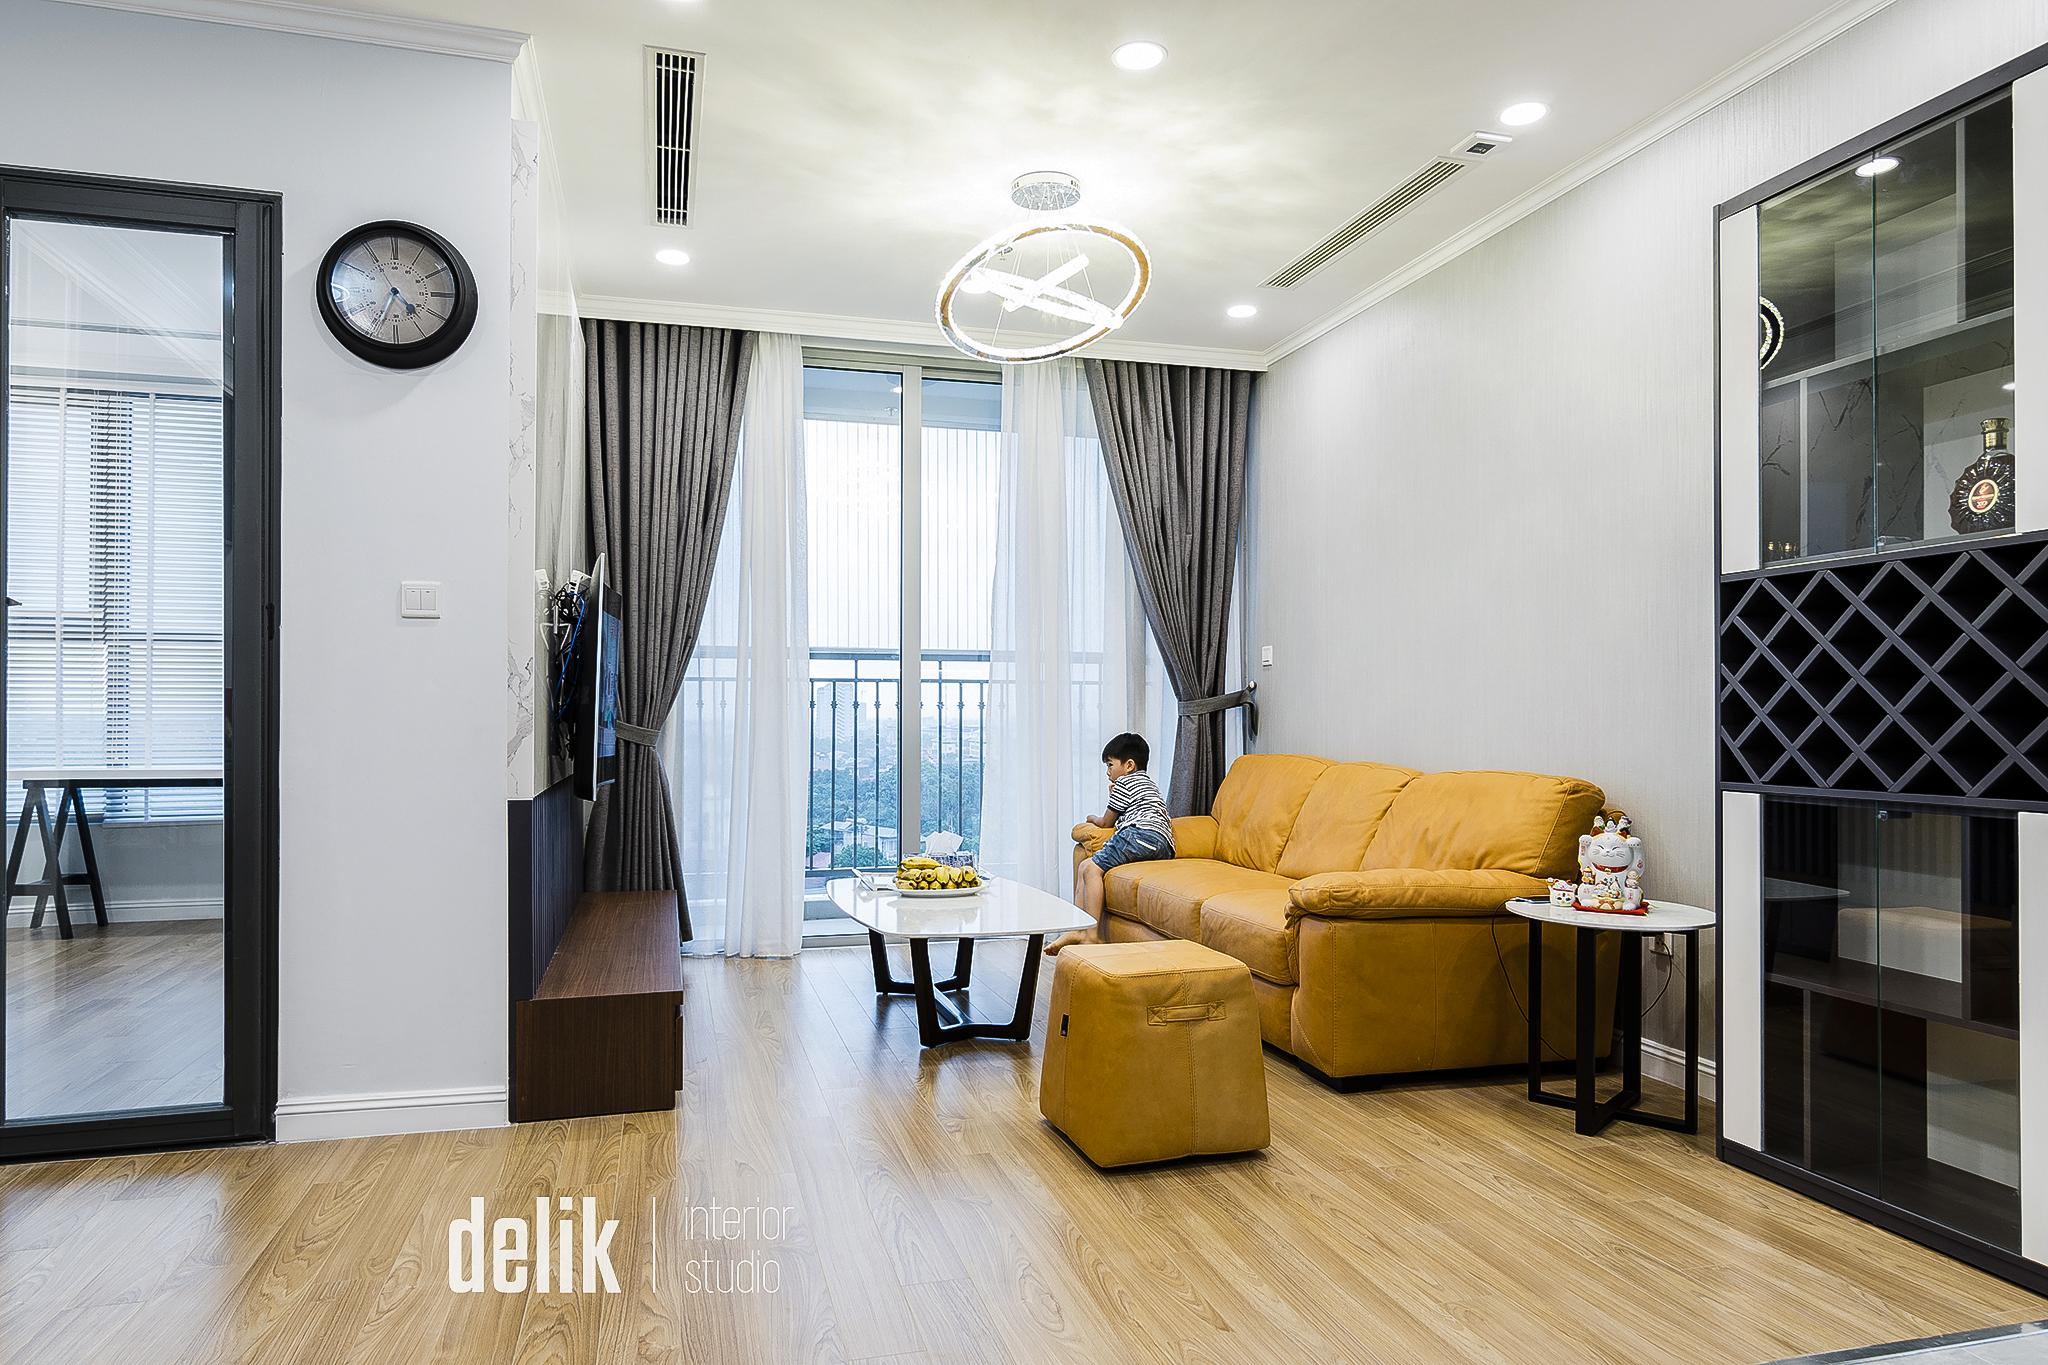 thiết kế nội thất chung cư tại Hà Nội Vinhomes Gardenia 1 1547478867